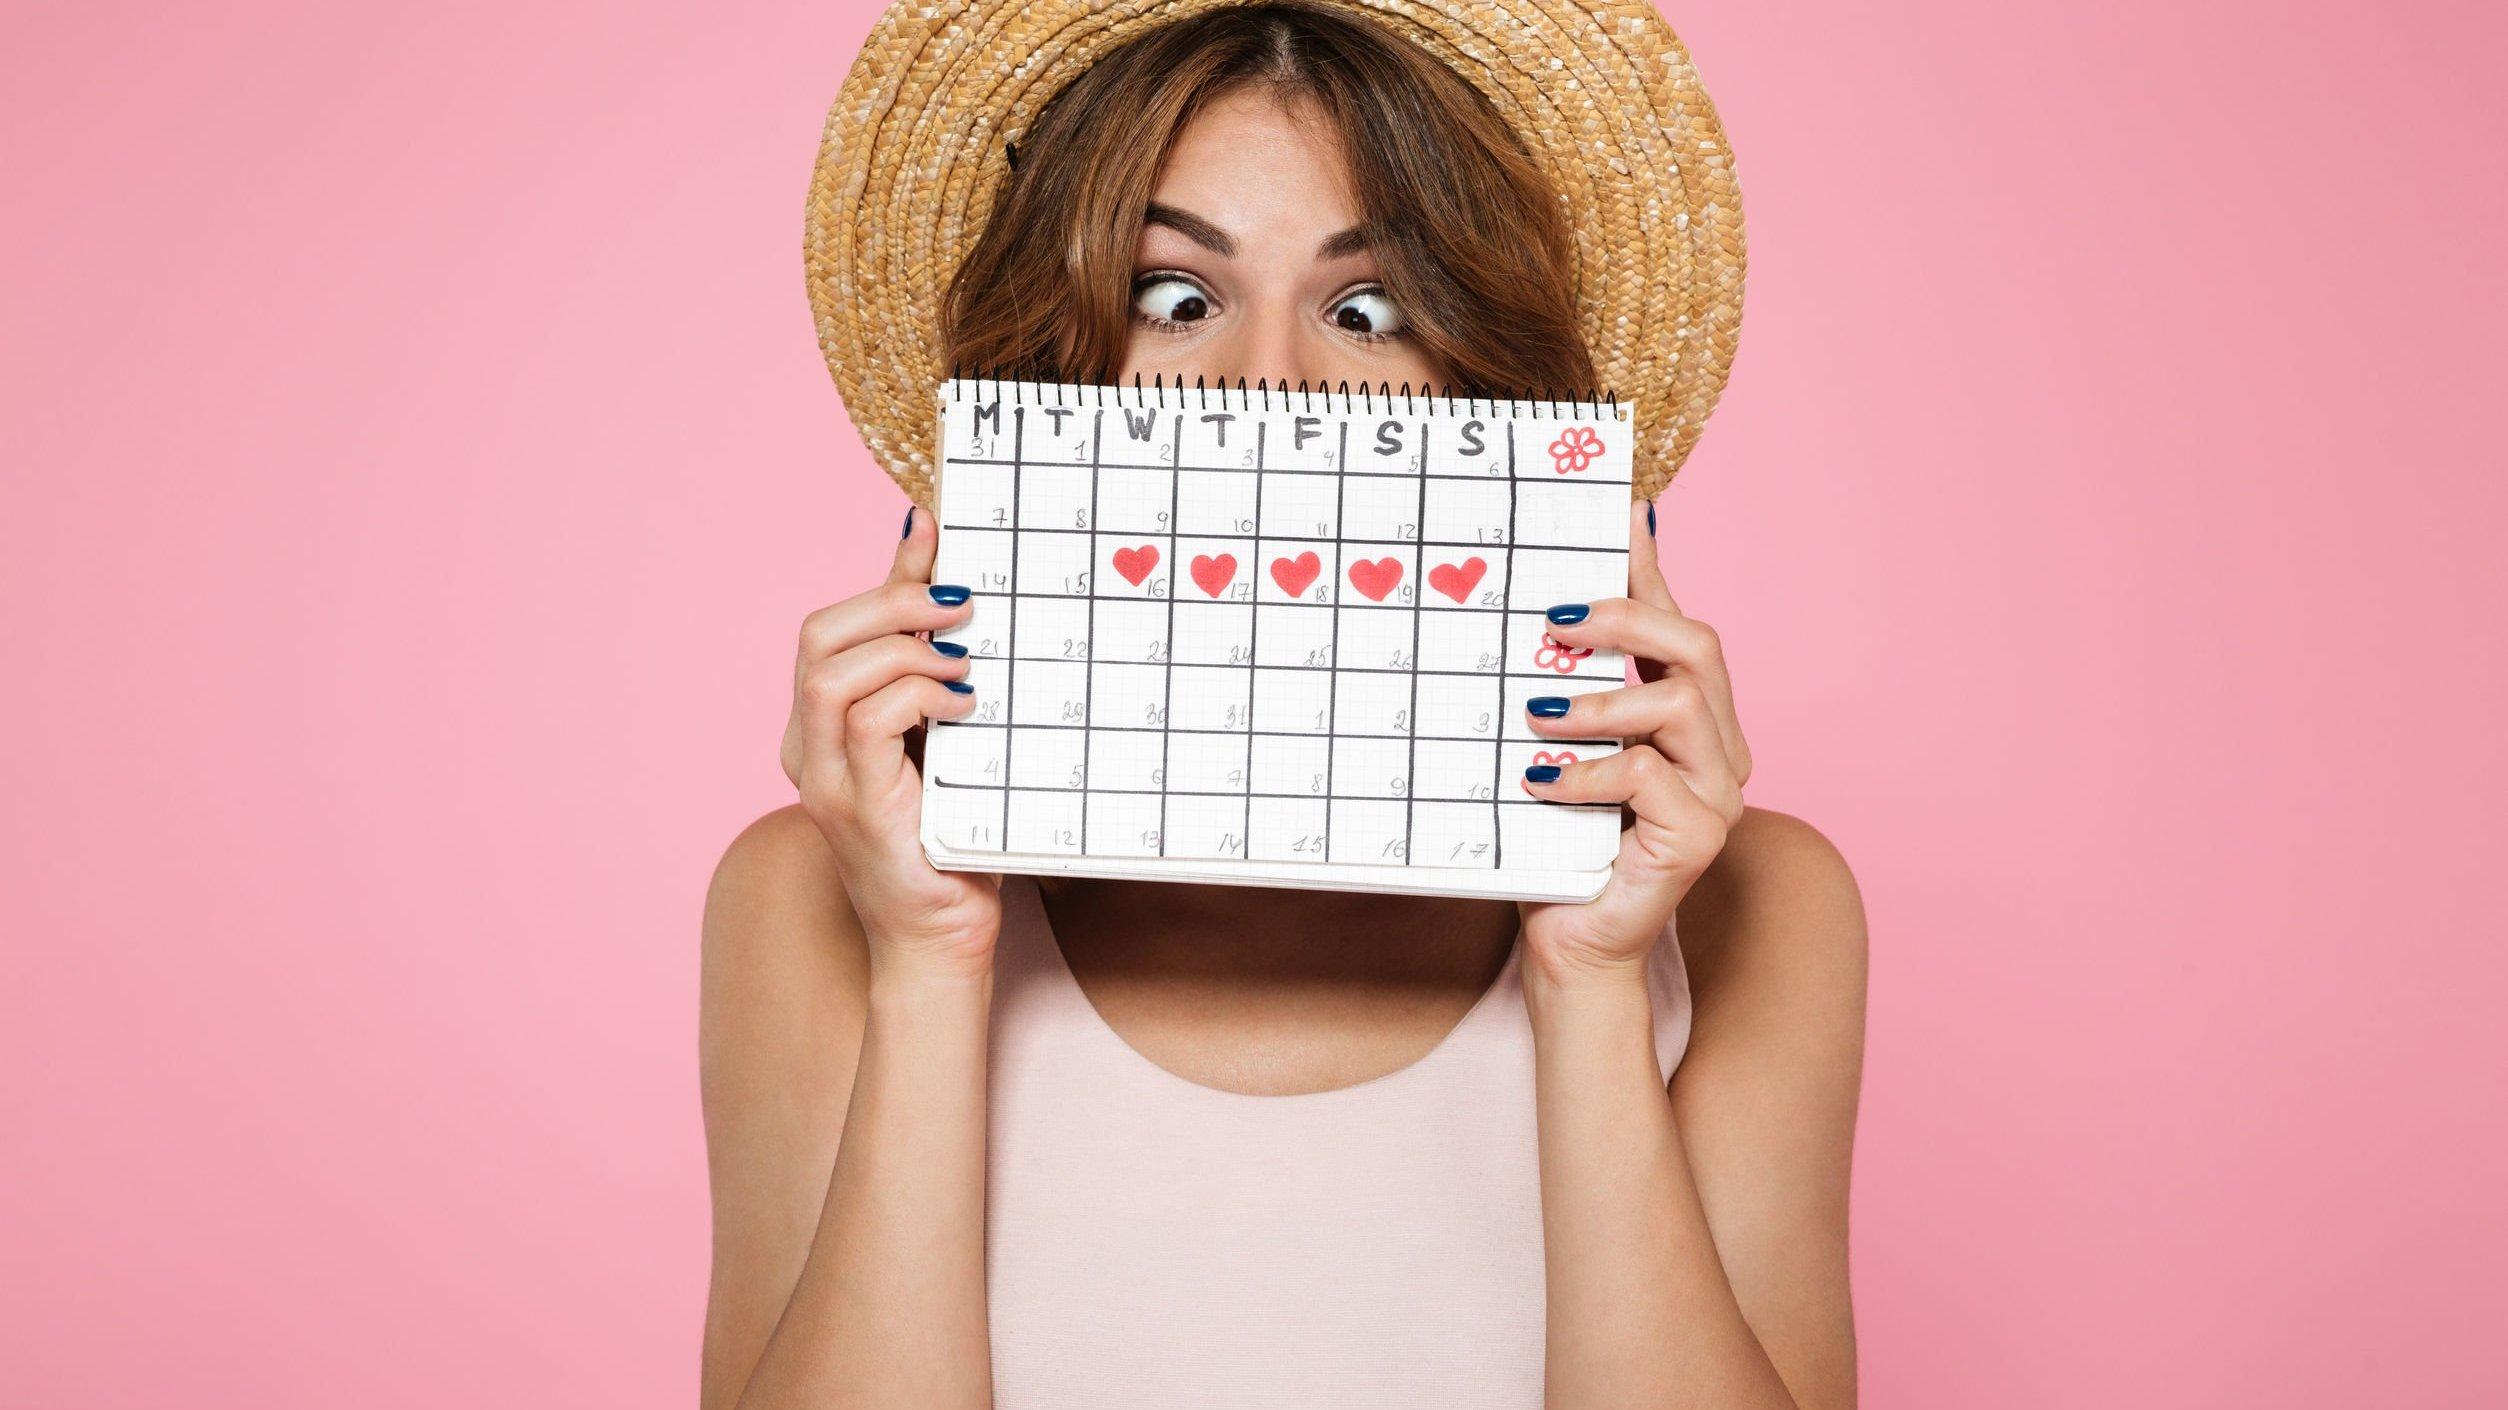 Mulher segurando um calendário cobrindo o rosto